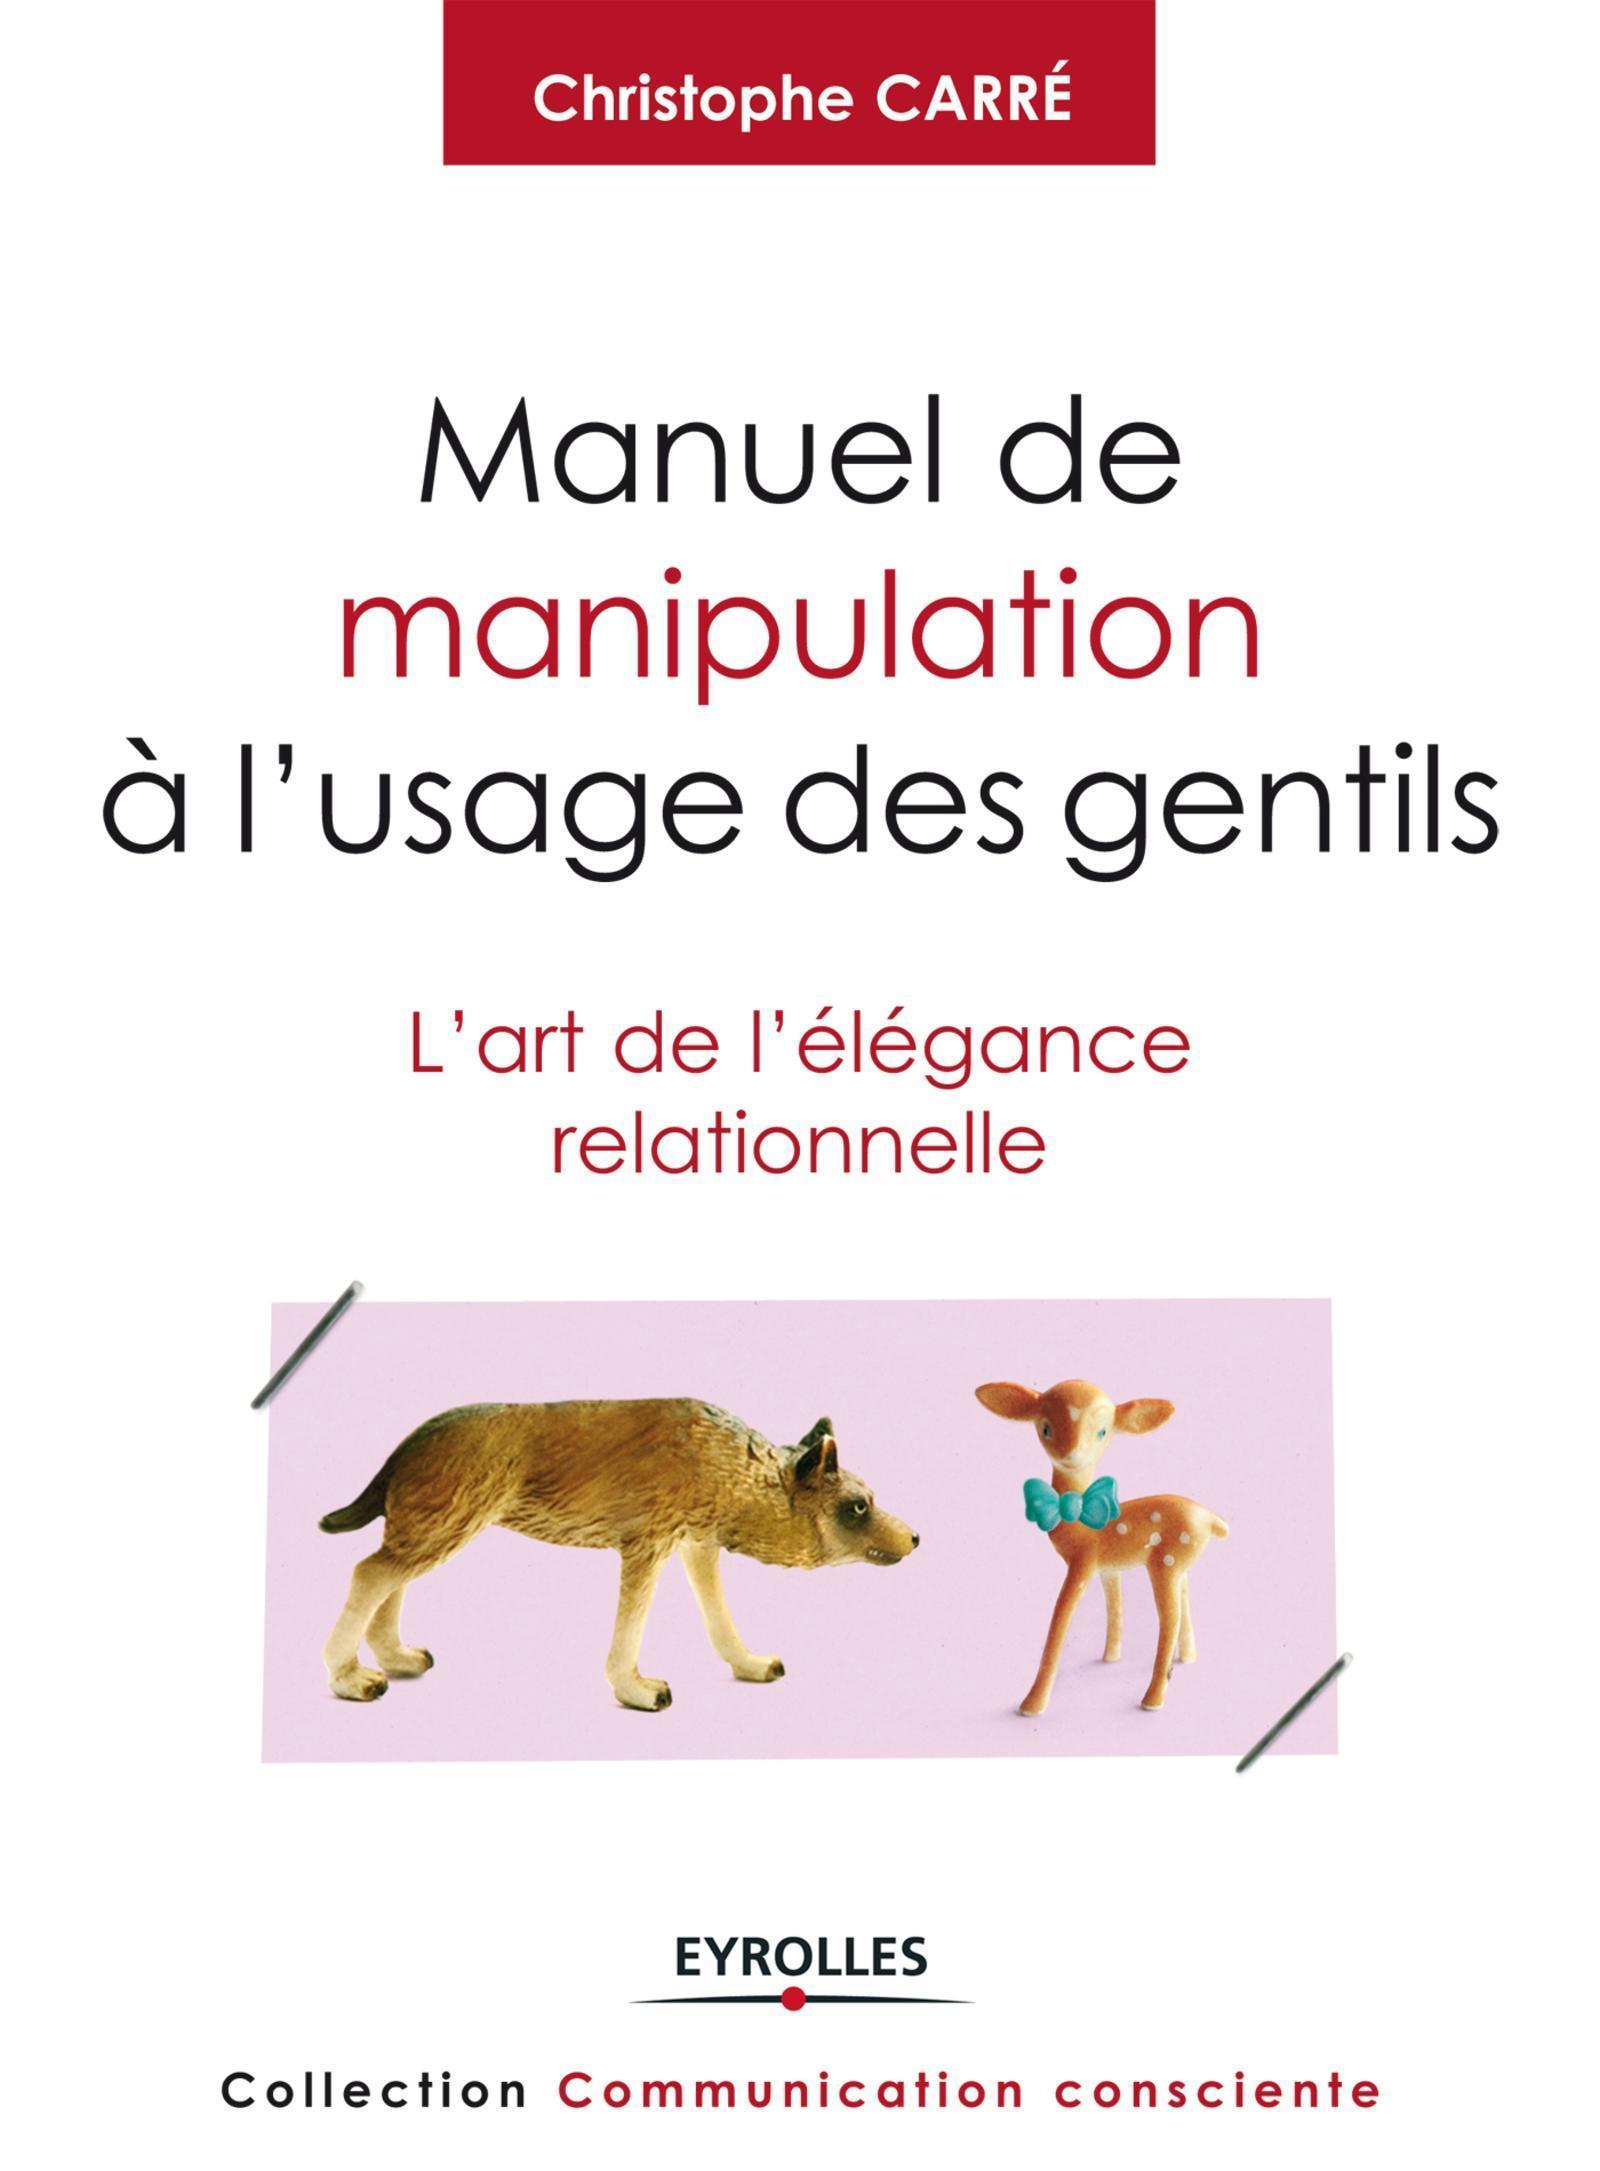 MANUEL DE MANIPULATION A L'USAGE DES GENTILS L'ART DE L'ELEGANCE RELATIONNELLE